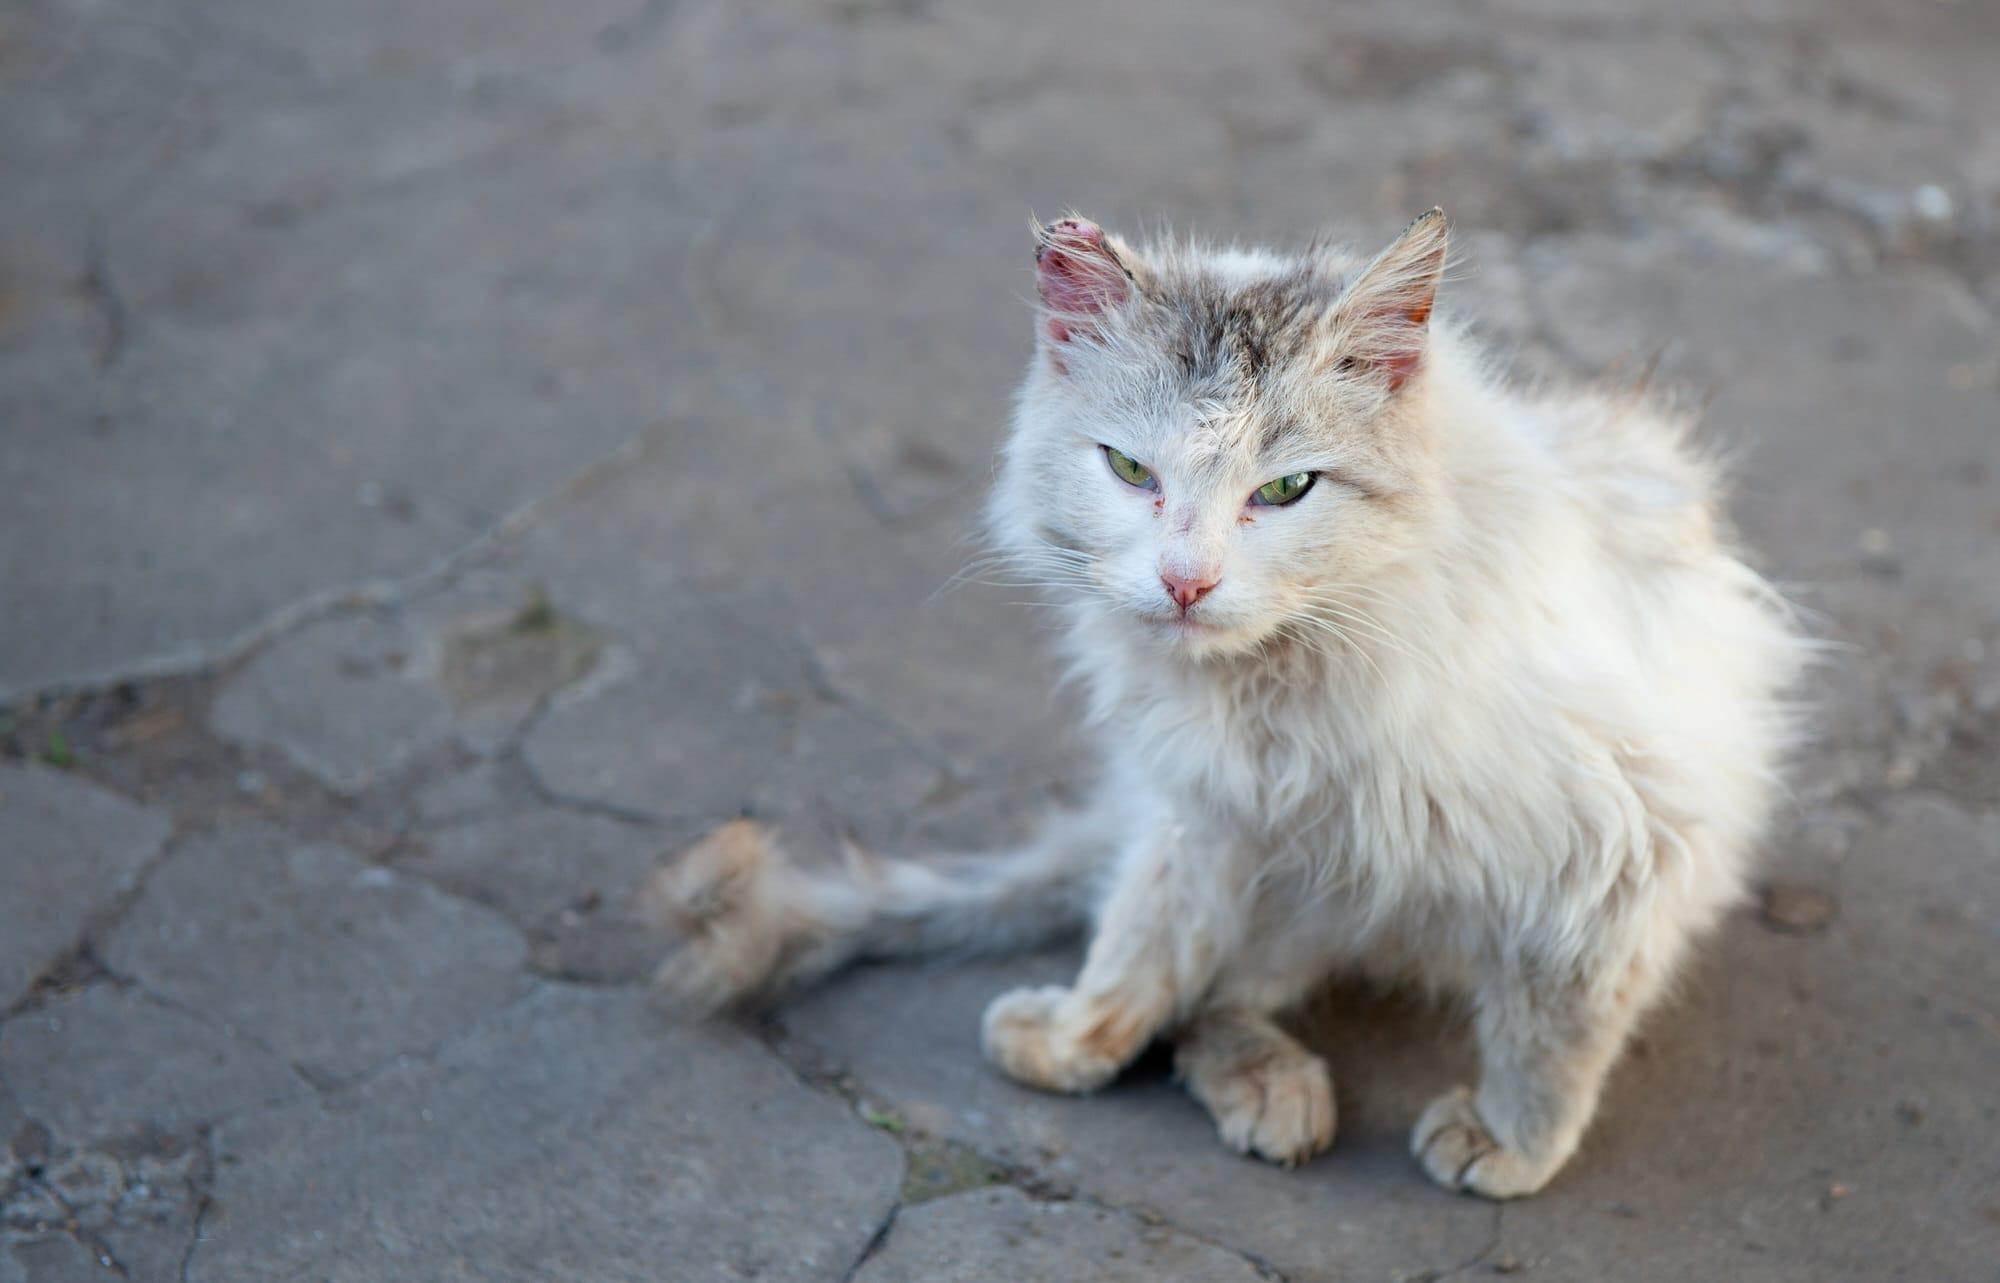 Katze verliert ihr Fell